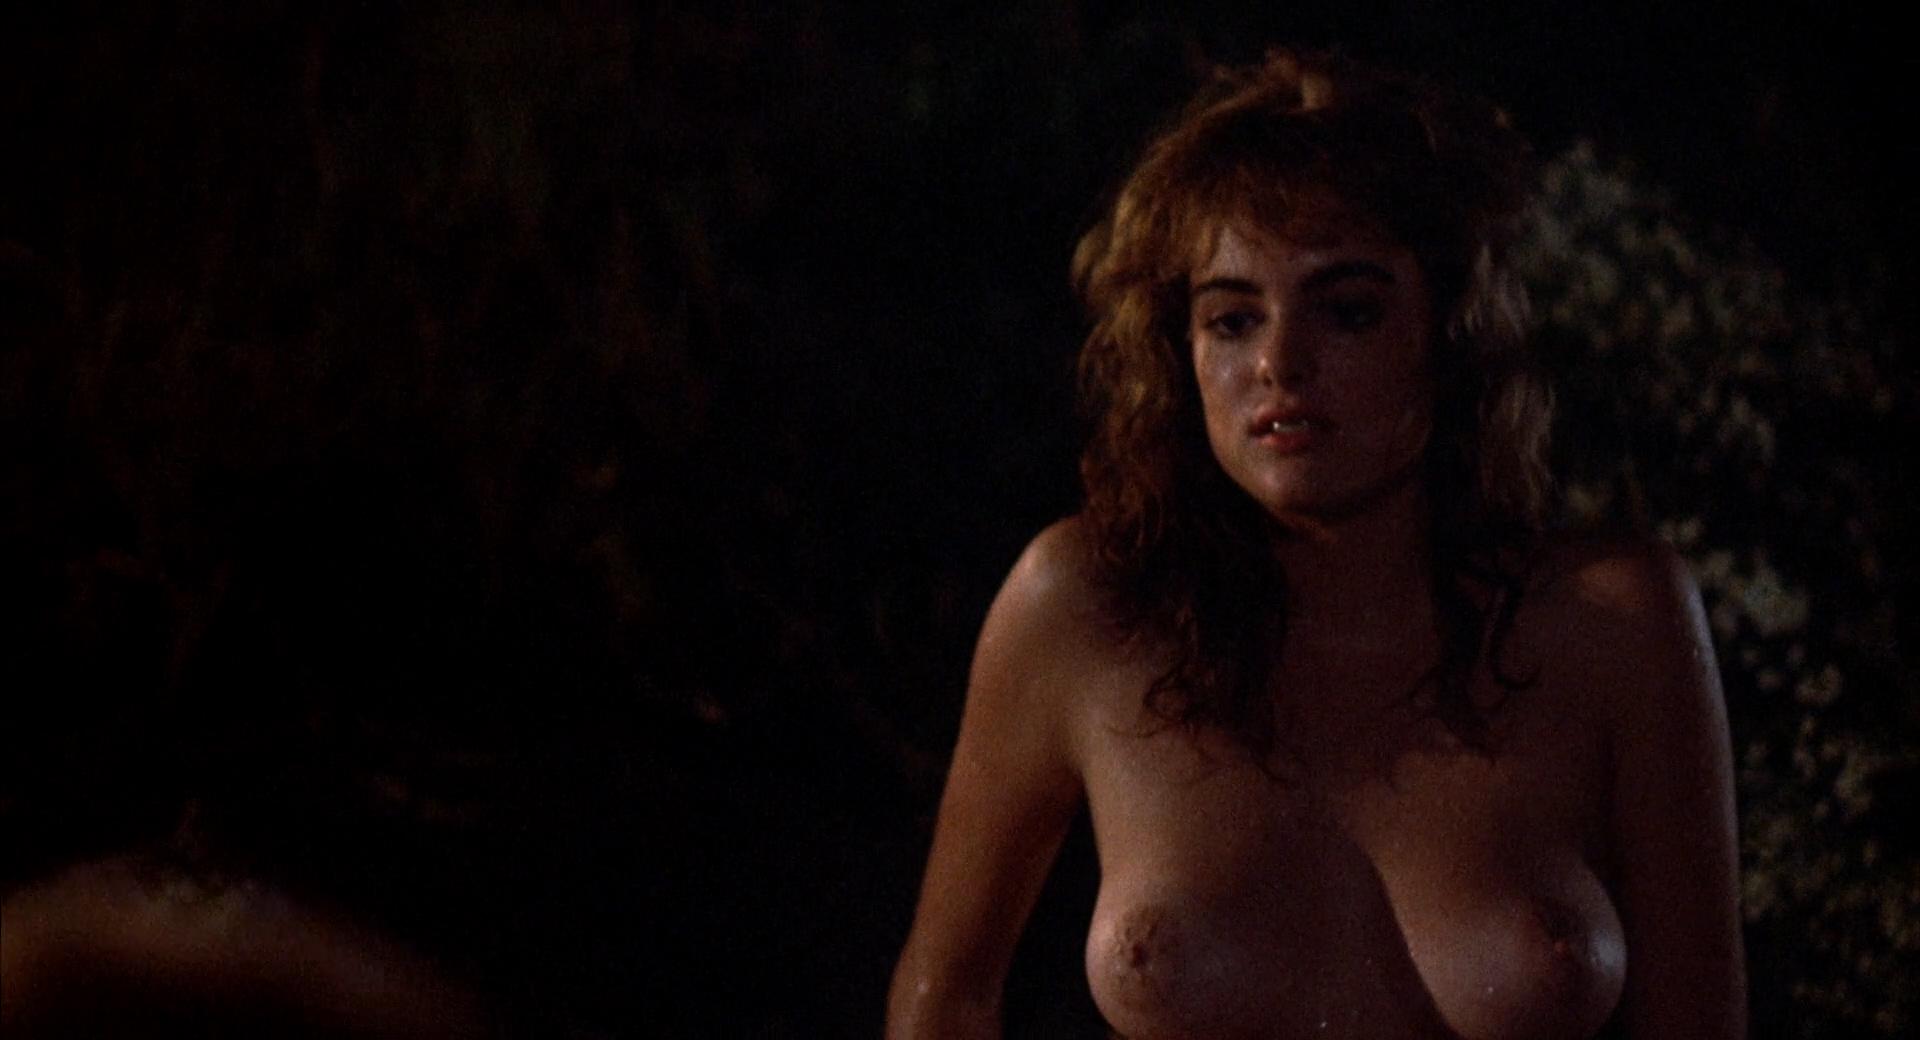 Kylie johnson nude